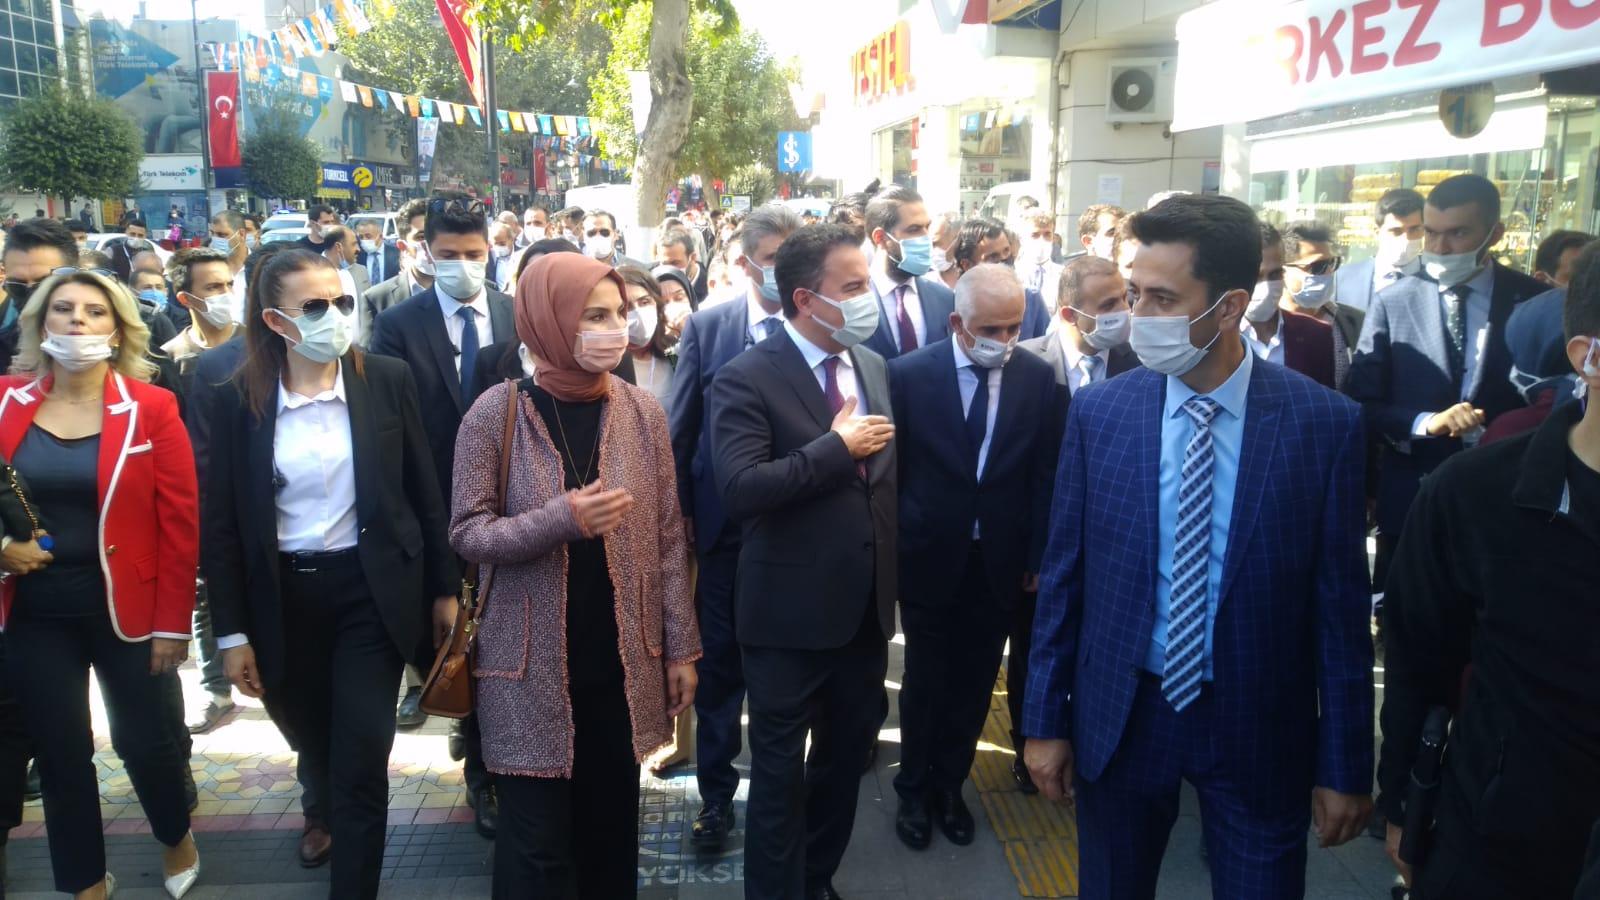 Deva Partisi Ali Babacan ve kurmayları Malatya'ya çıkartma yaptı